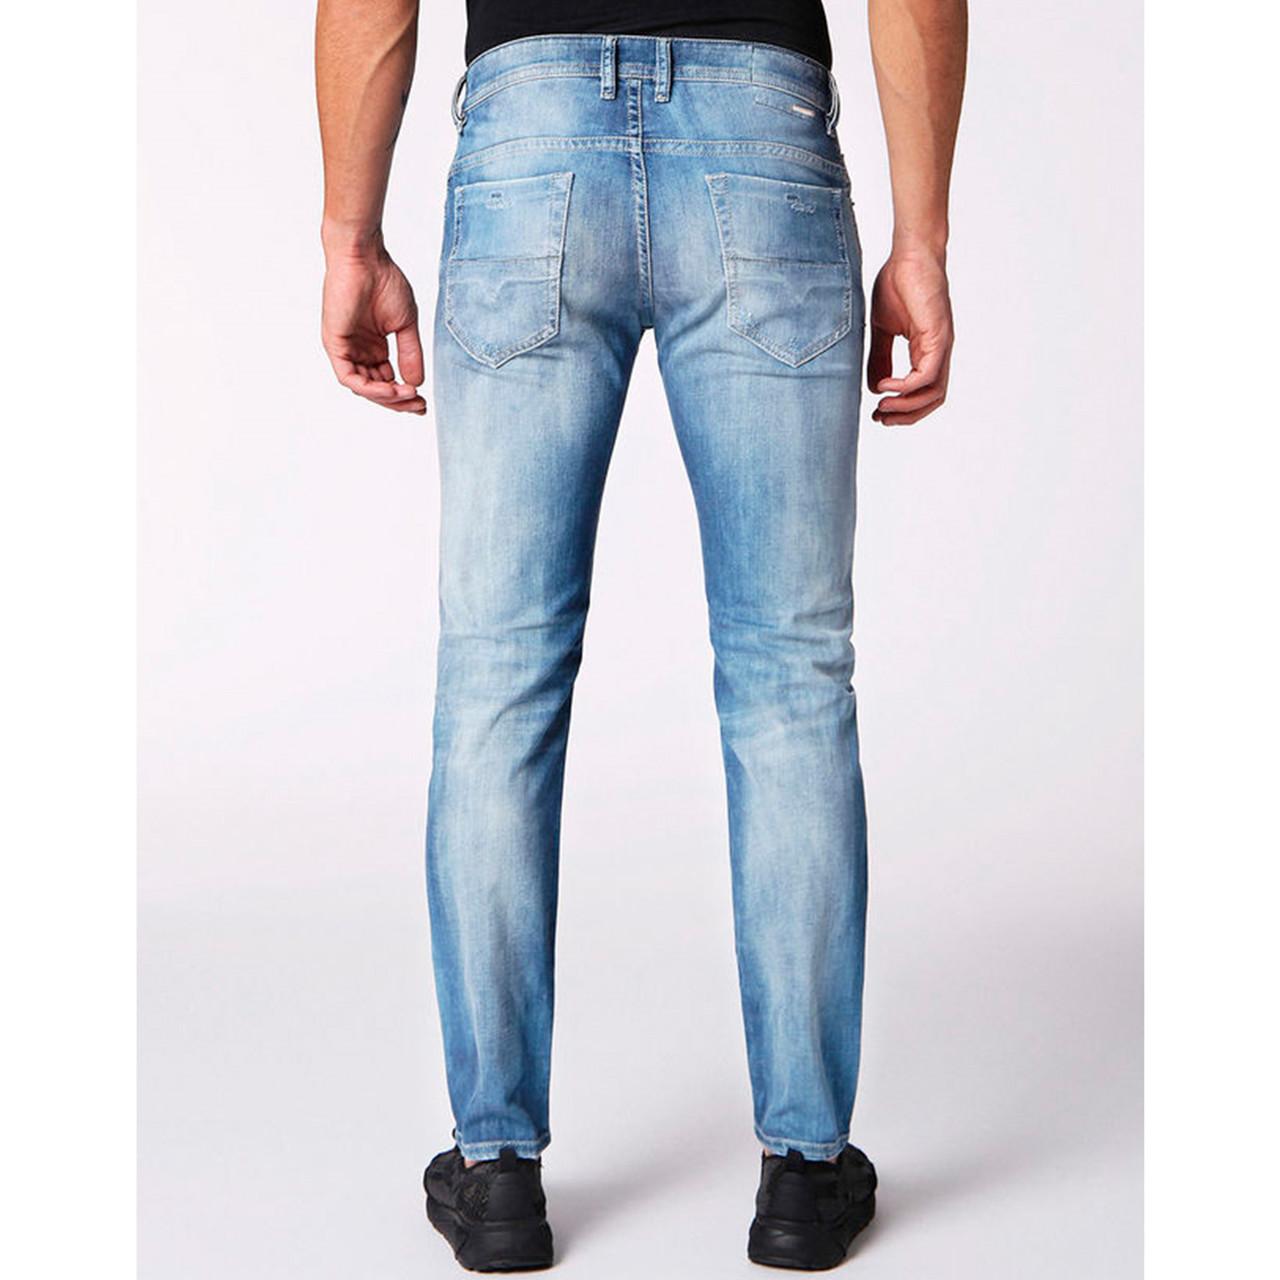 Thommer Jeans i blå fra Diesel - Stort udvalg af Diesel jeans til mænd